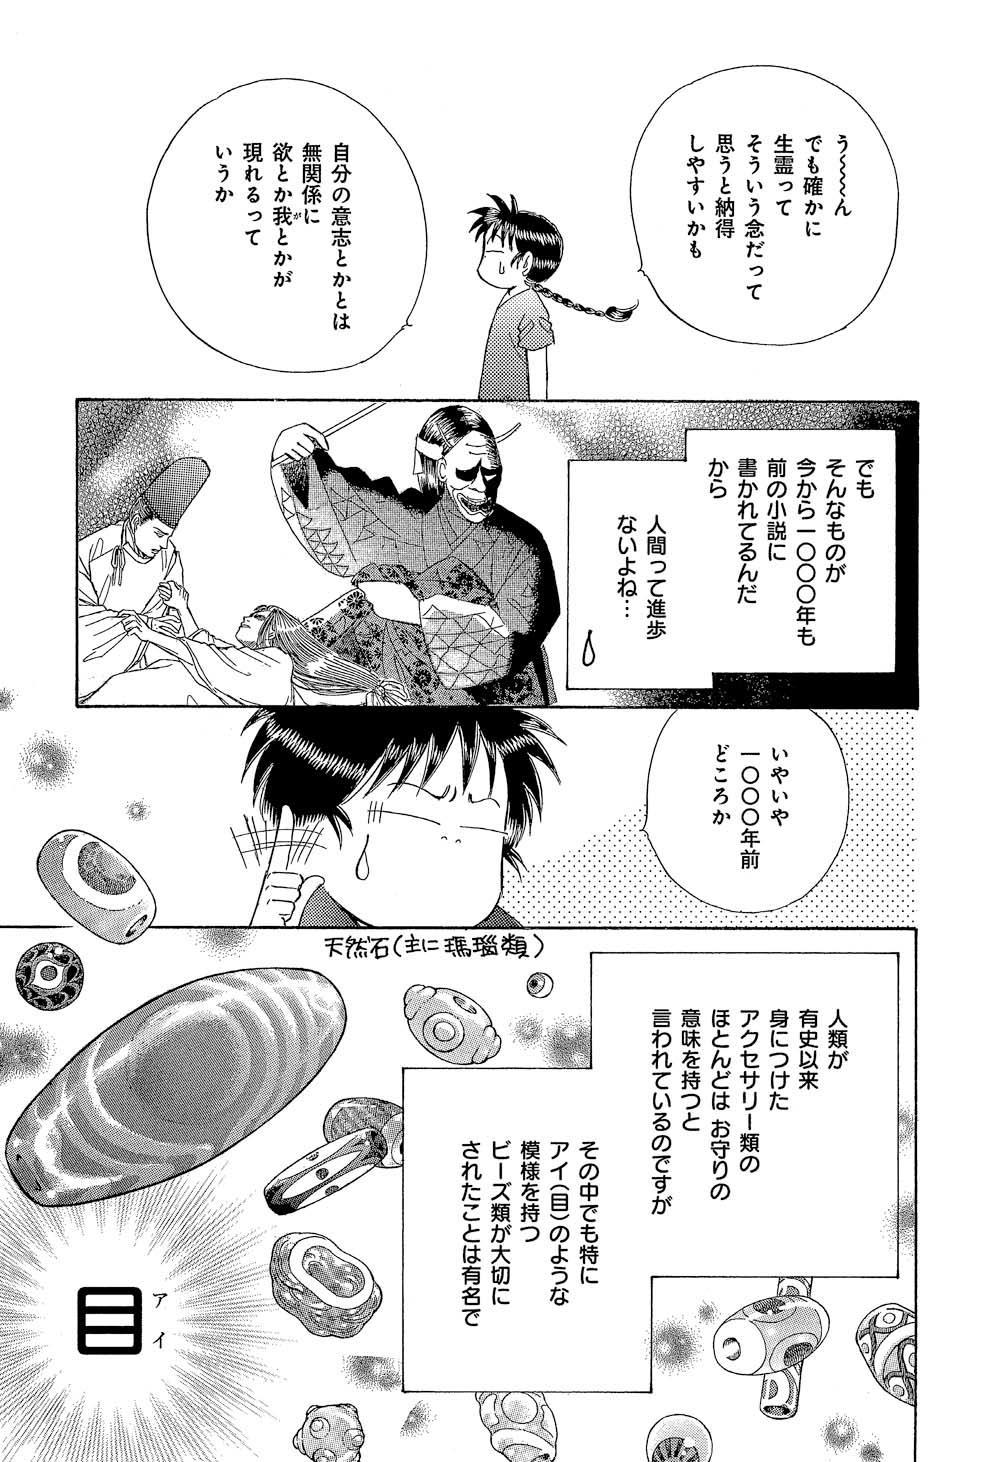 オカルト万華鏡01_092.jpg